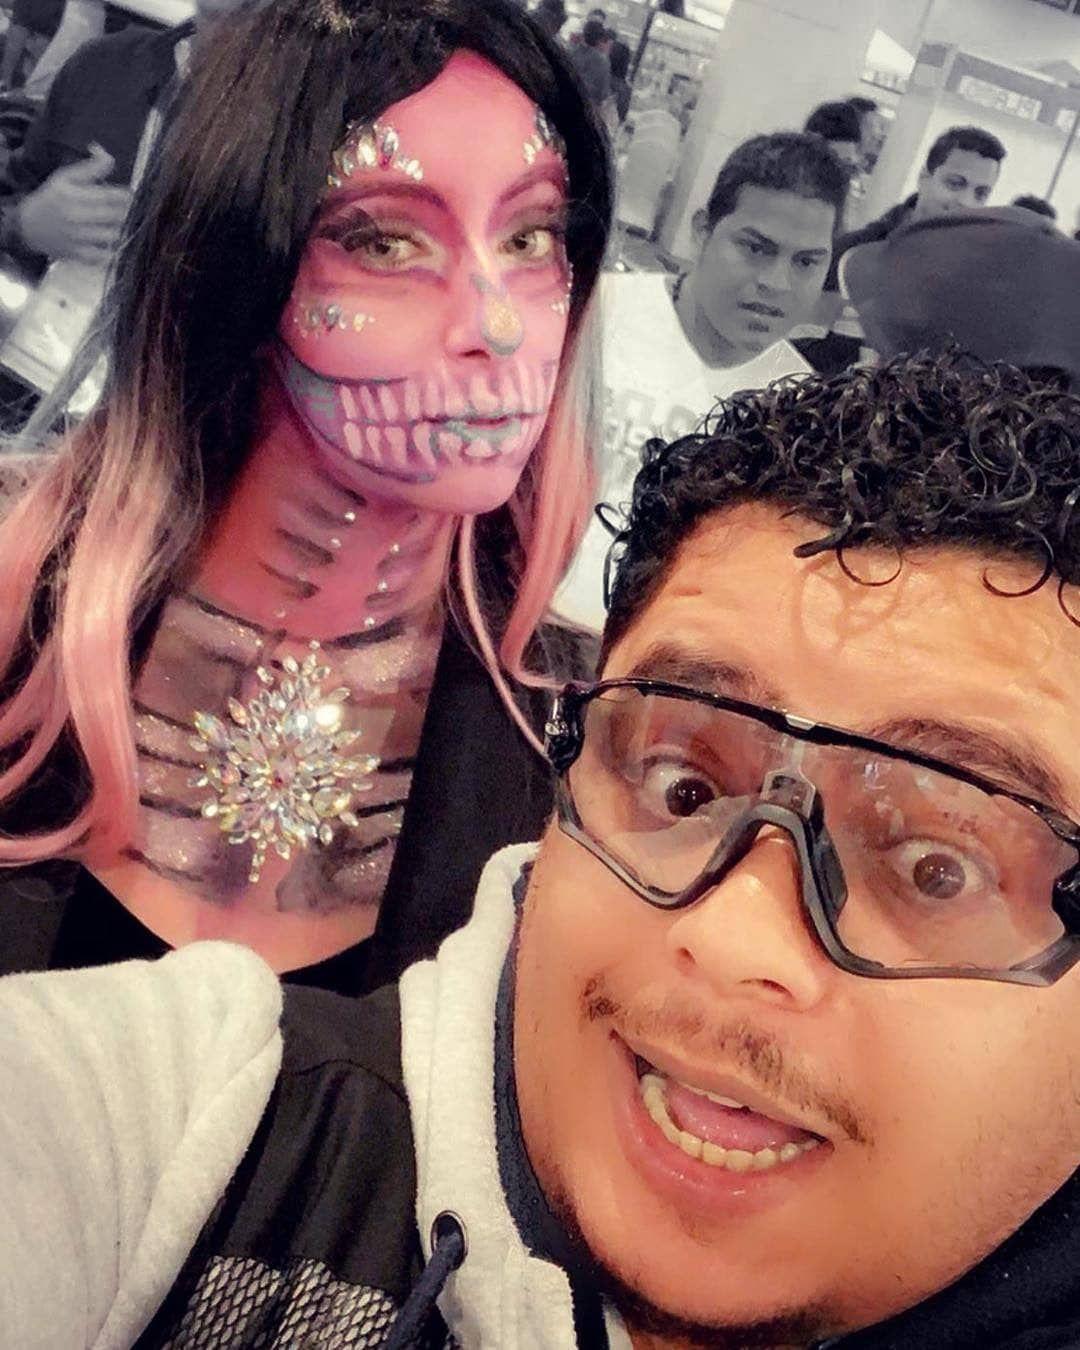 في احد المعارض وتصوير مع ال Cosplay Jokergya Q8 Youtuber Vlogger يوتيوب يوتيوبر ف Halloween Face Makeup Halloween Face Face Makeup